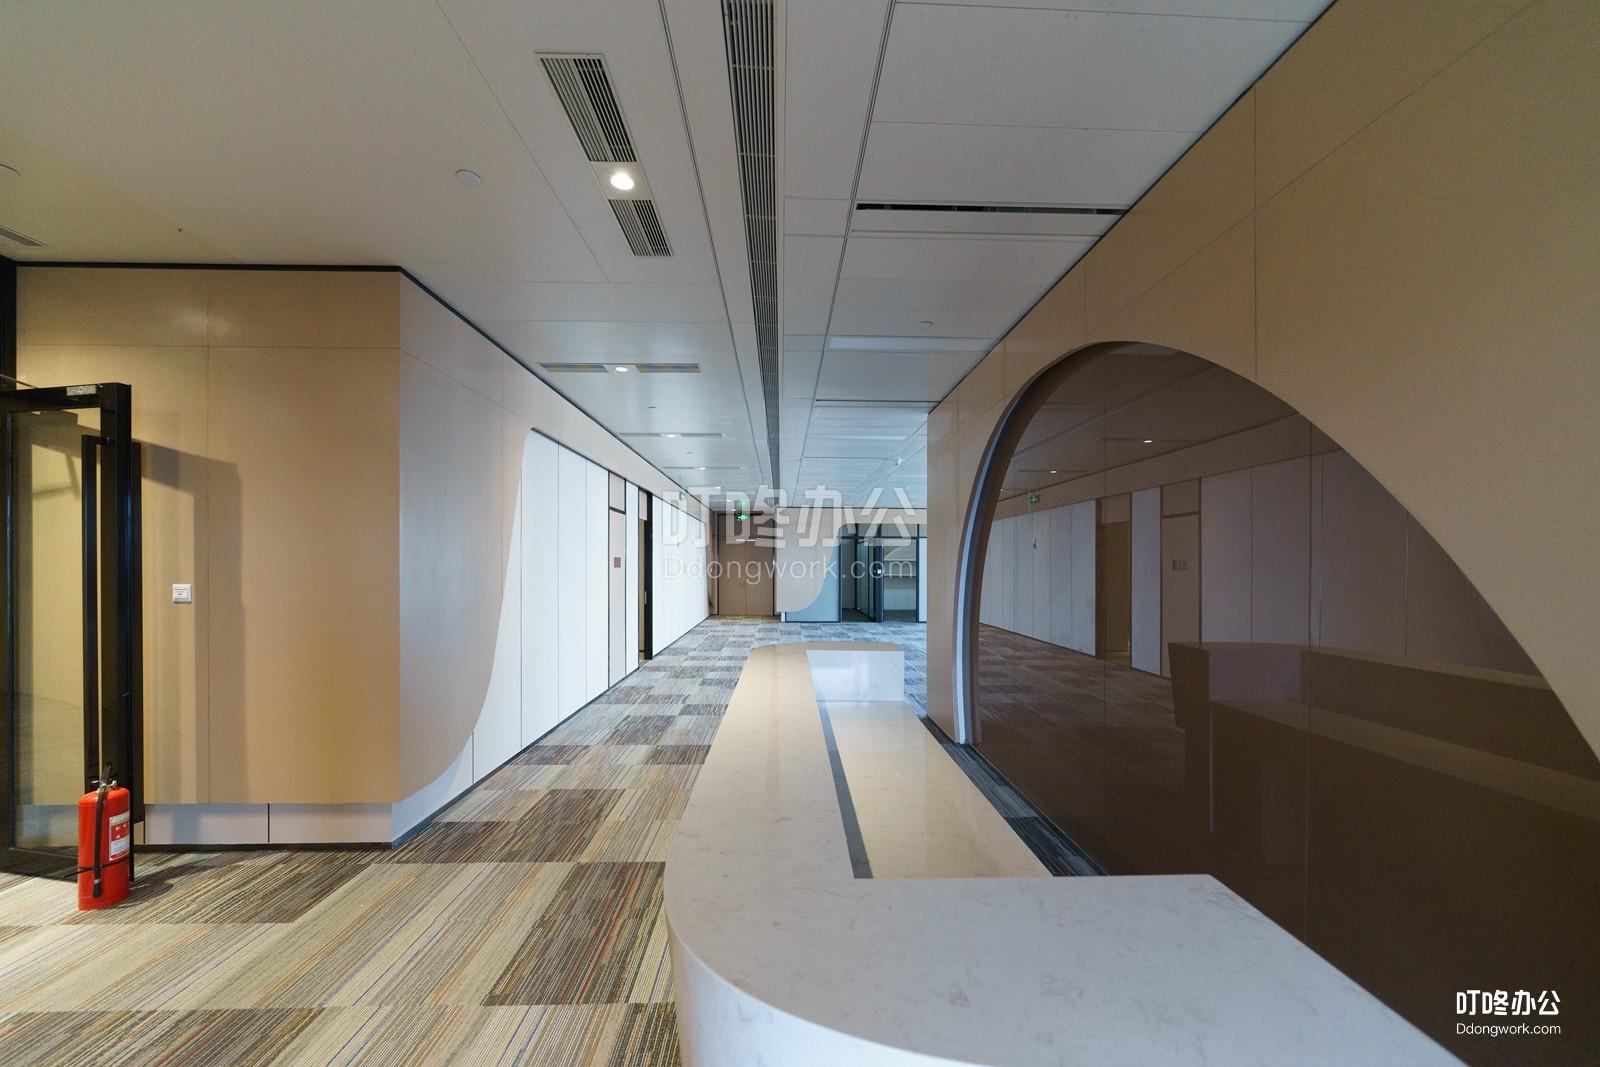 超大型办公室 平安国际金融中心